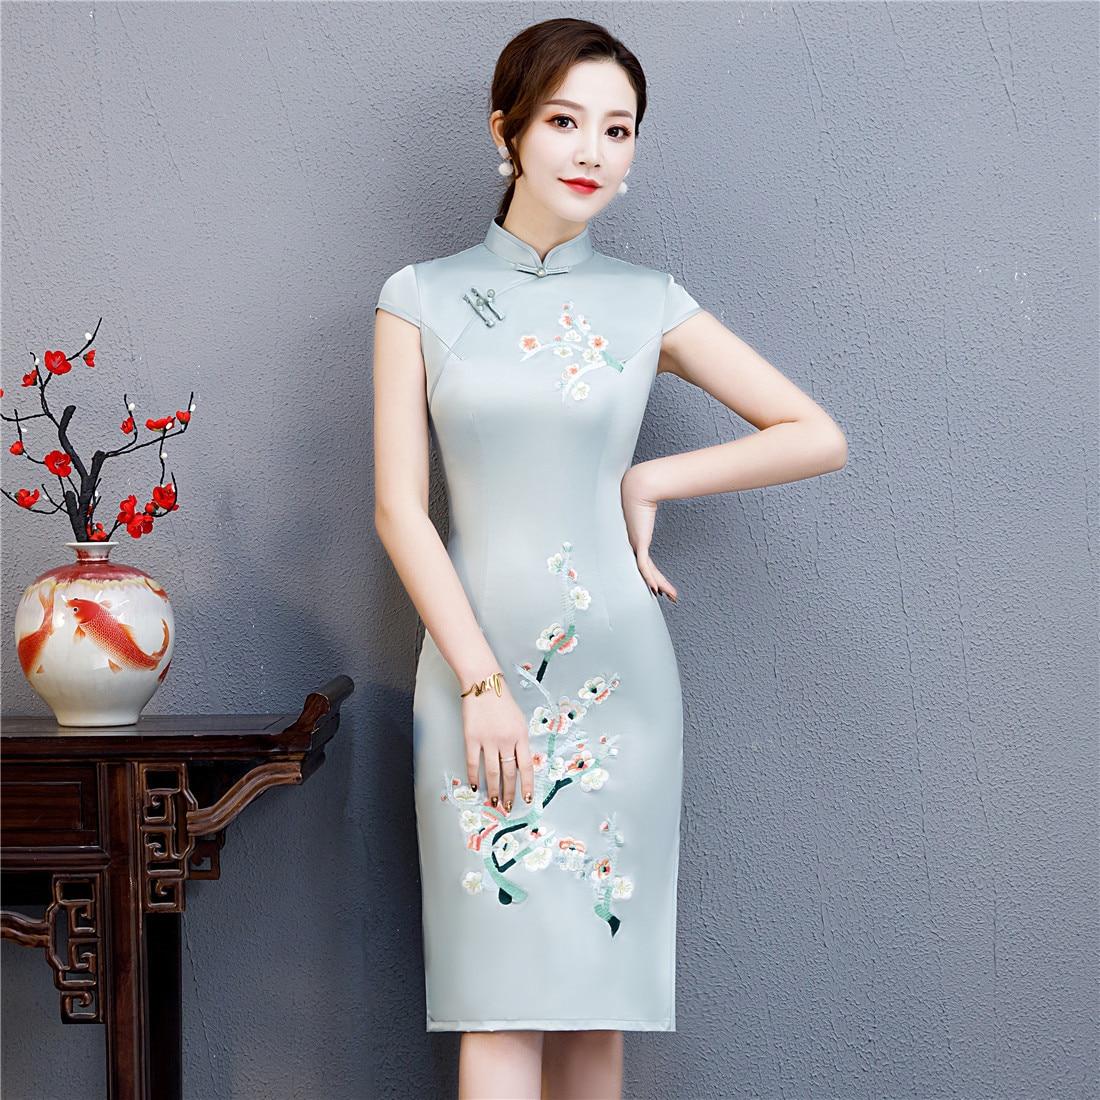 Vestido chino con estampado verde claro de flores Vintage con botones Sexy ajustado elegante Cheongsam Qipao tamaño grande 3XL 4XL Vestidos cortos